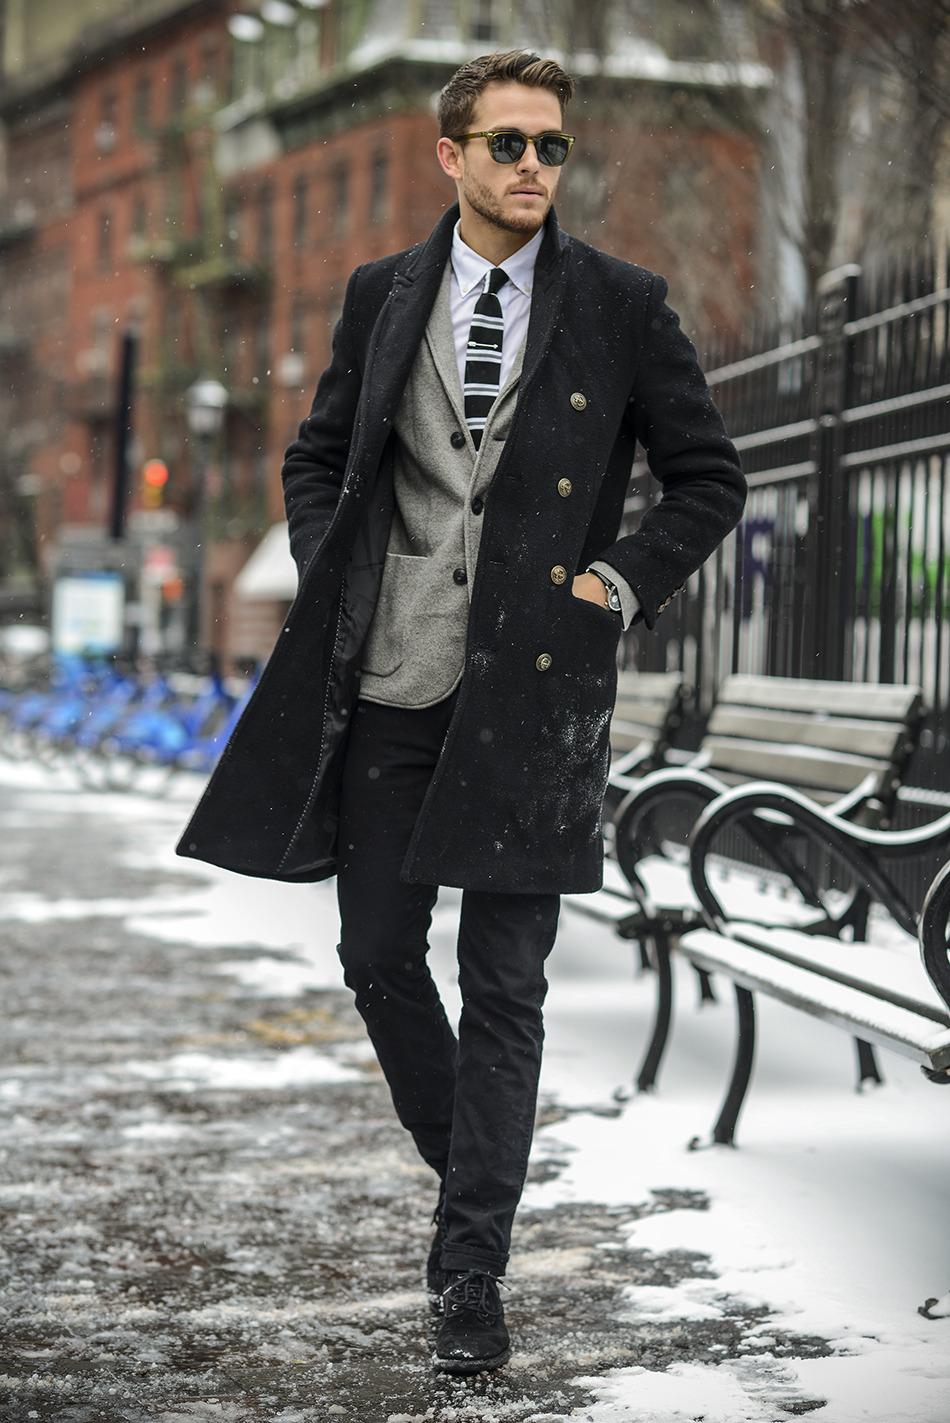 Классическое пальто стильно выглядит и с одеждой официального стиля и в образе casual